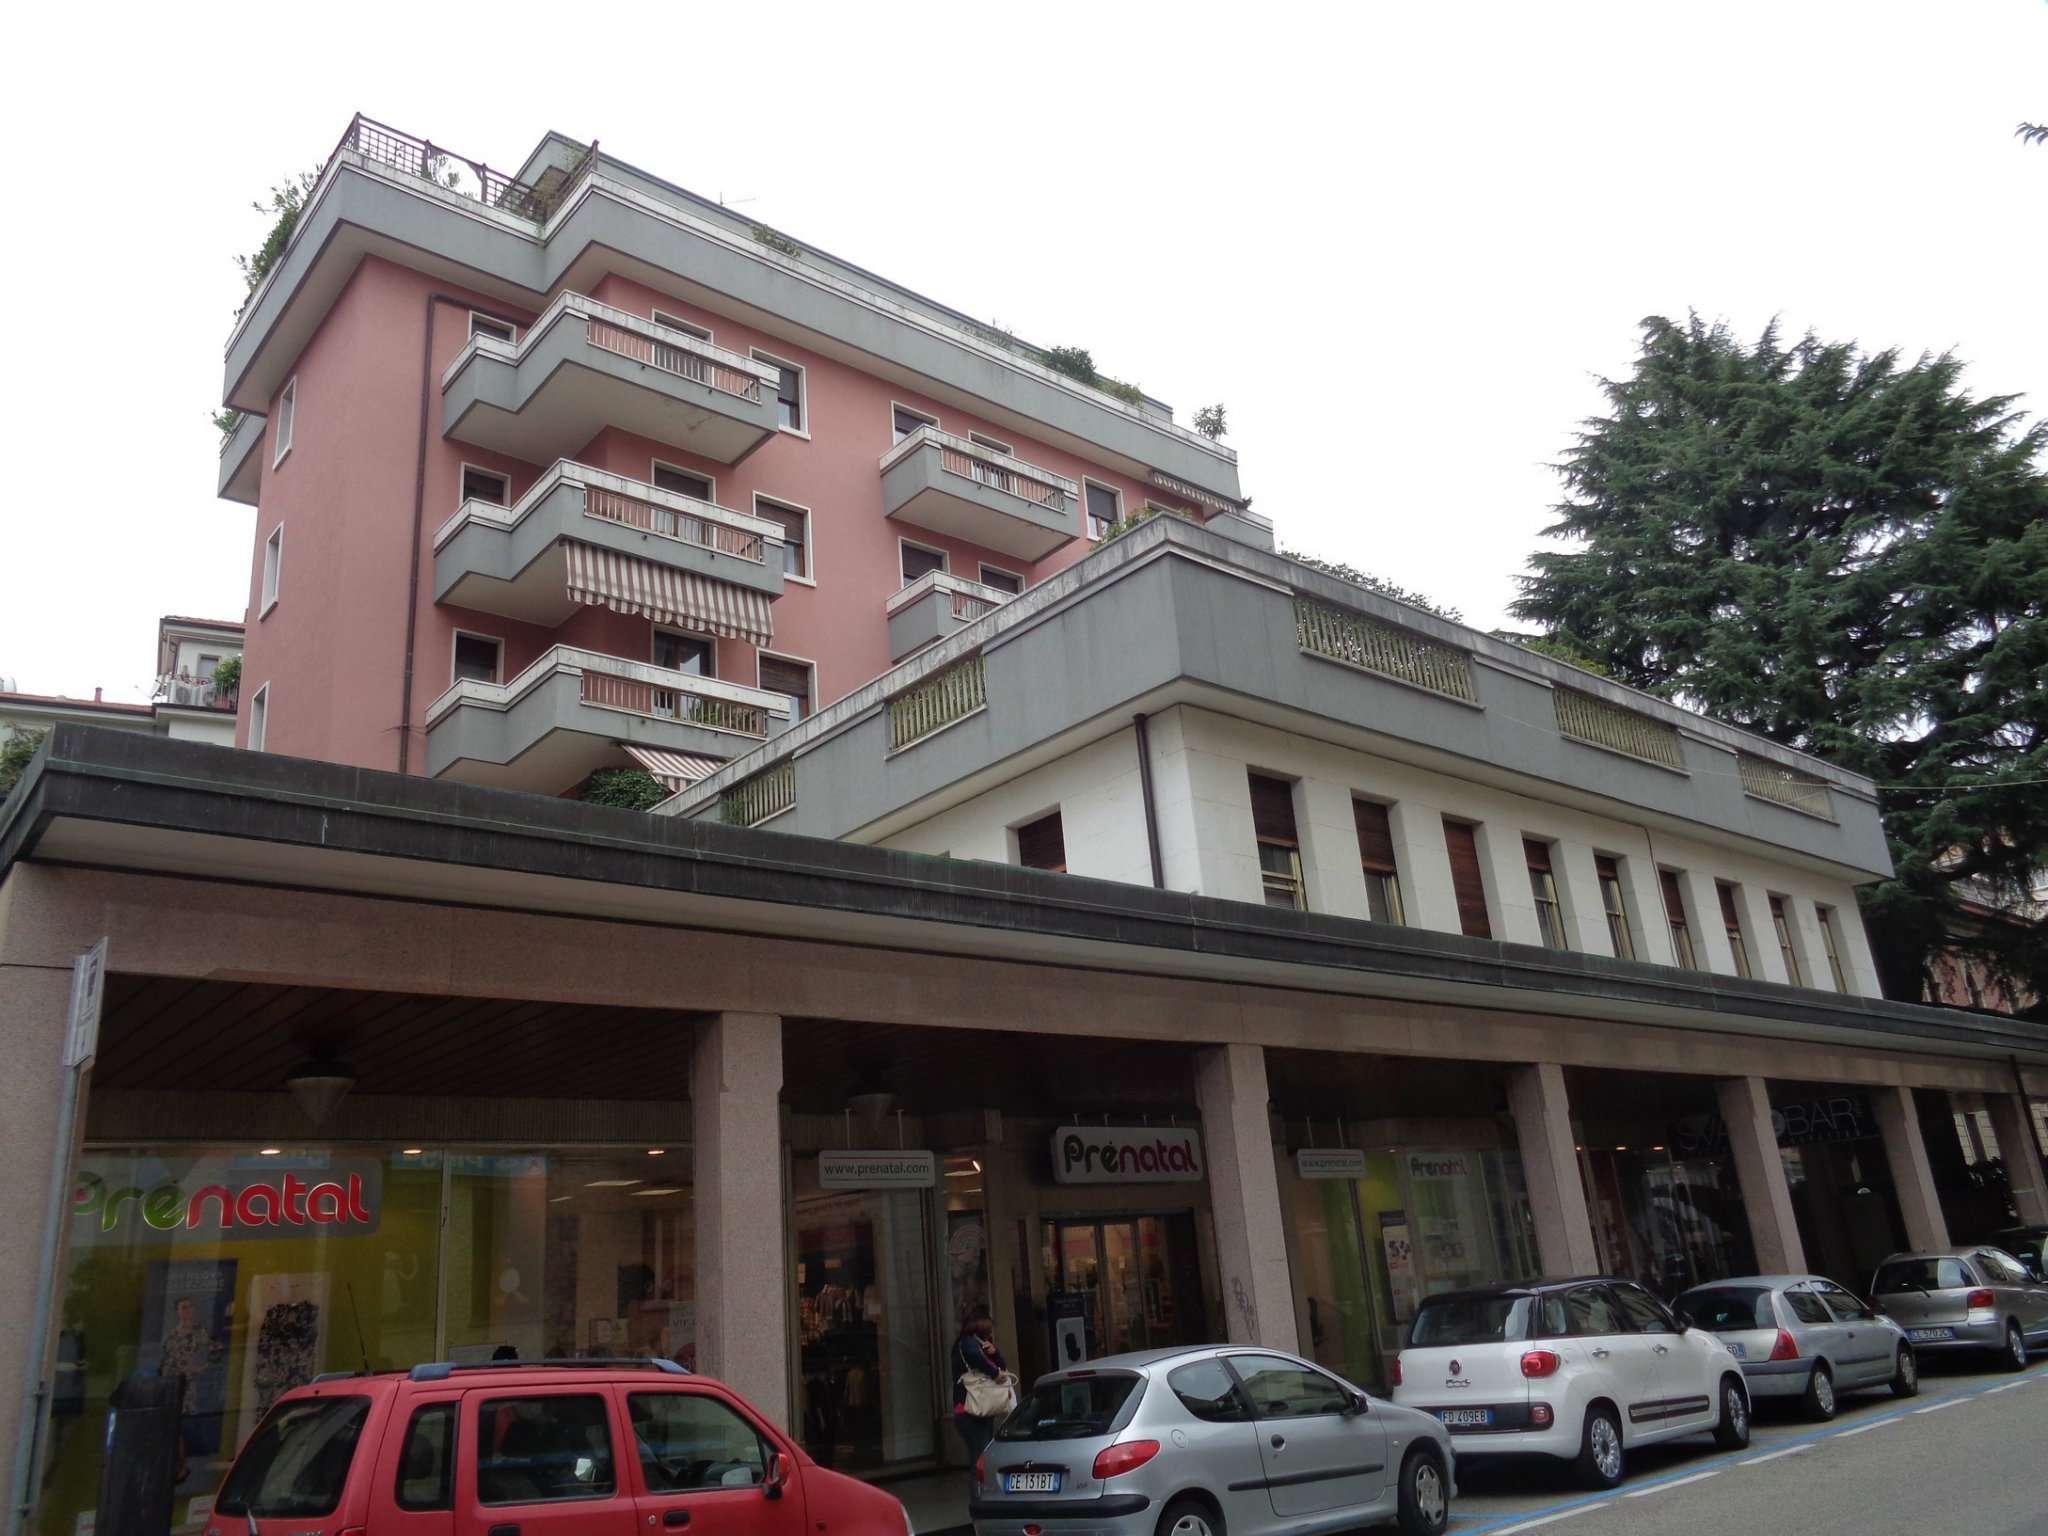 Ufficio / Studio in vendita a Varese, 3 locali, prezzo € 175.000 | CambioCasa.it